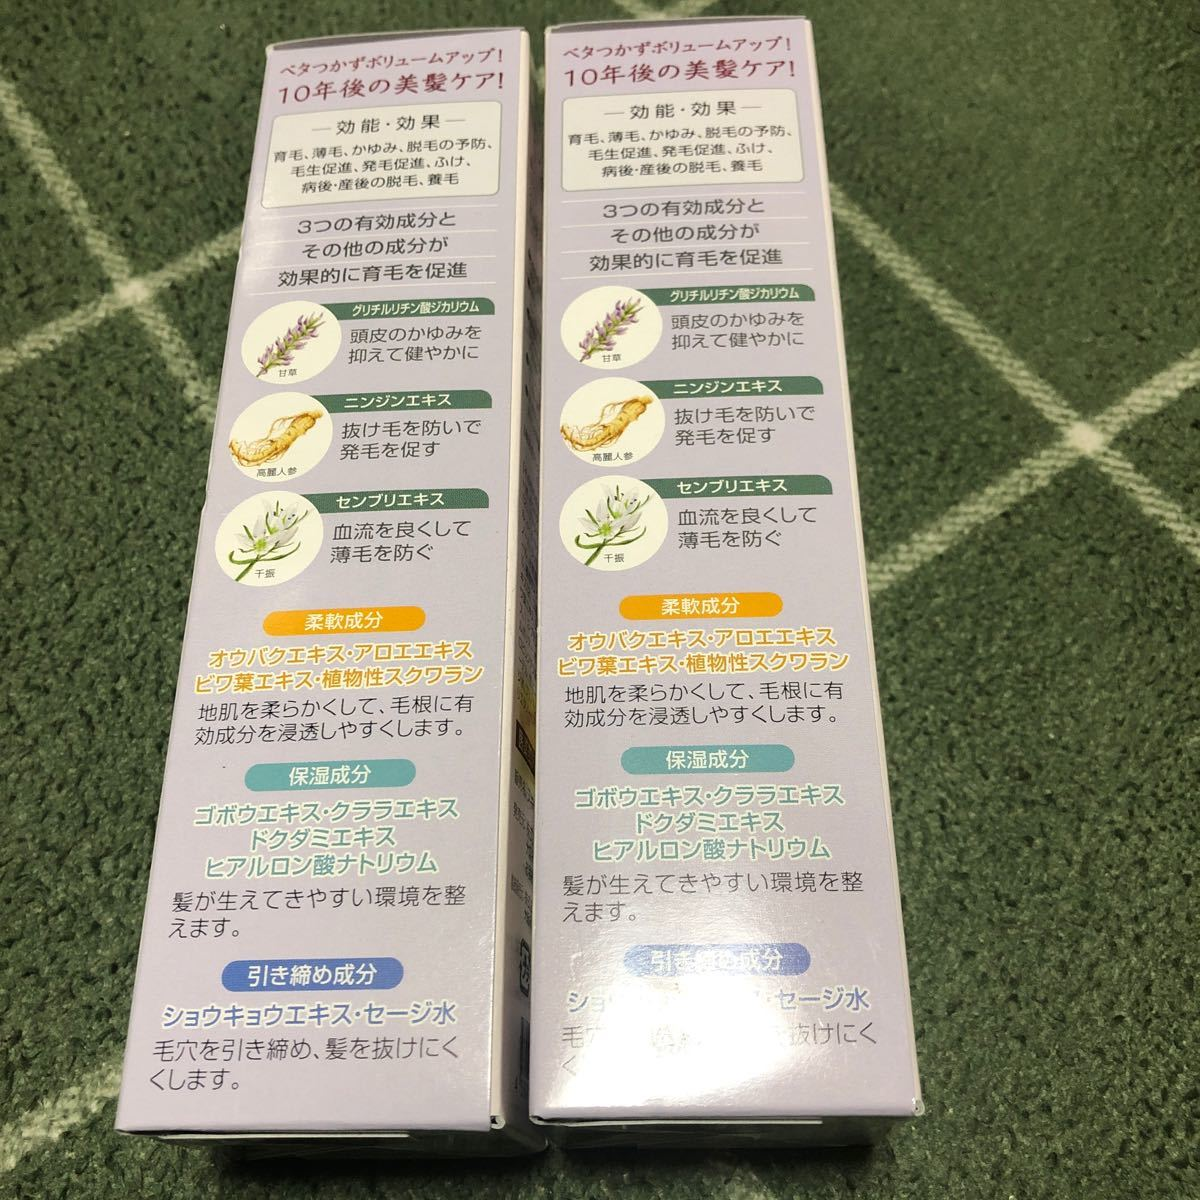 薬用 和漢草 とろみ育毛剤 2本セット 送料無料 12